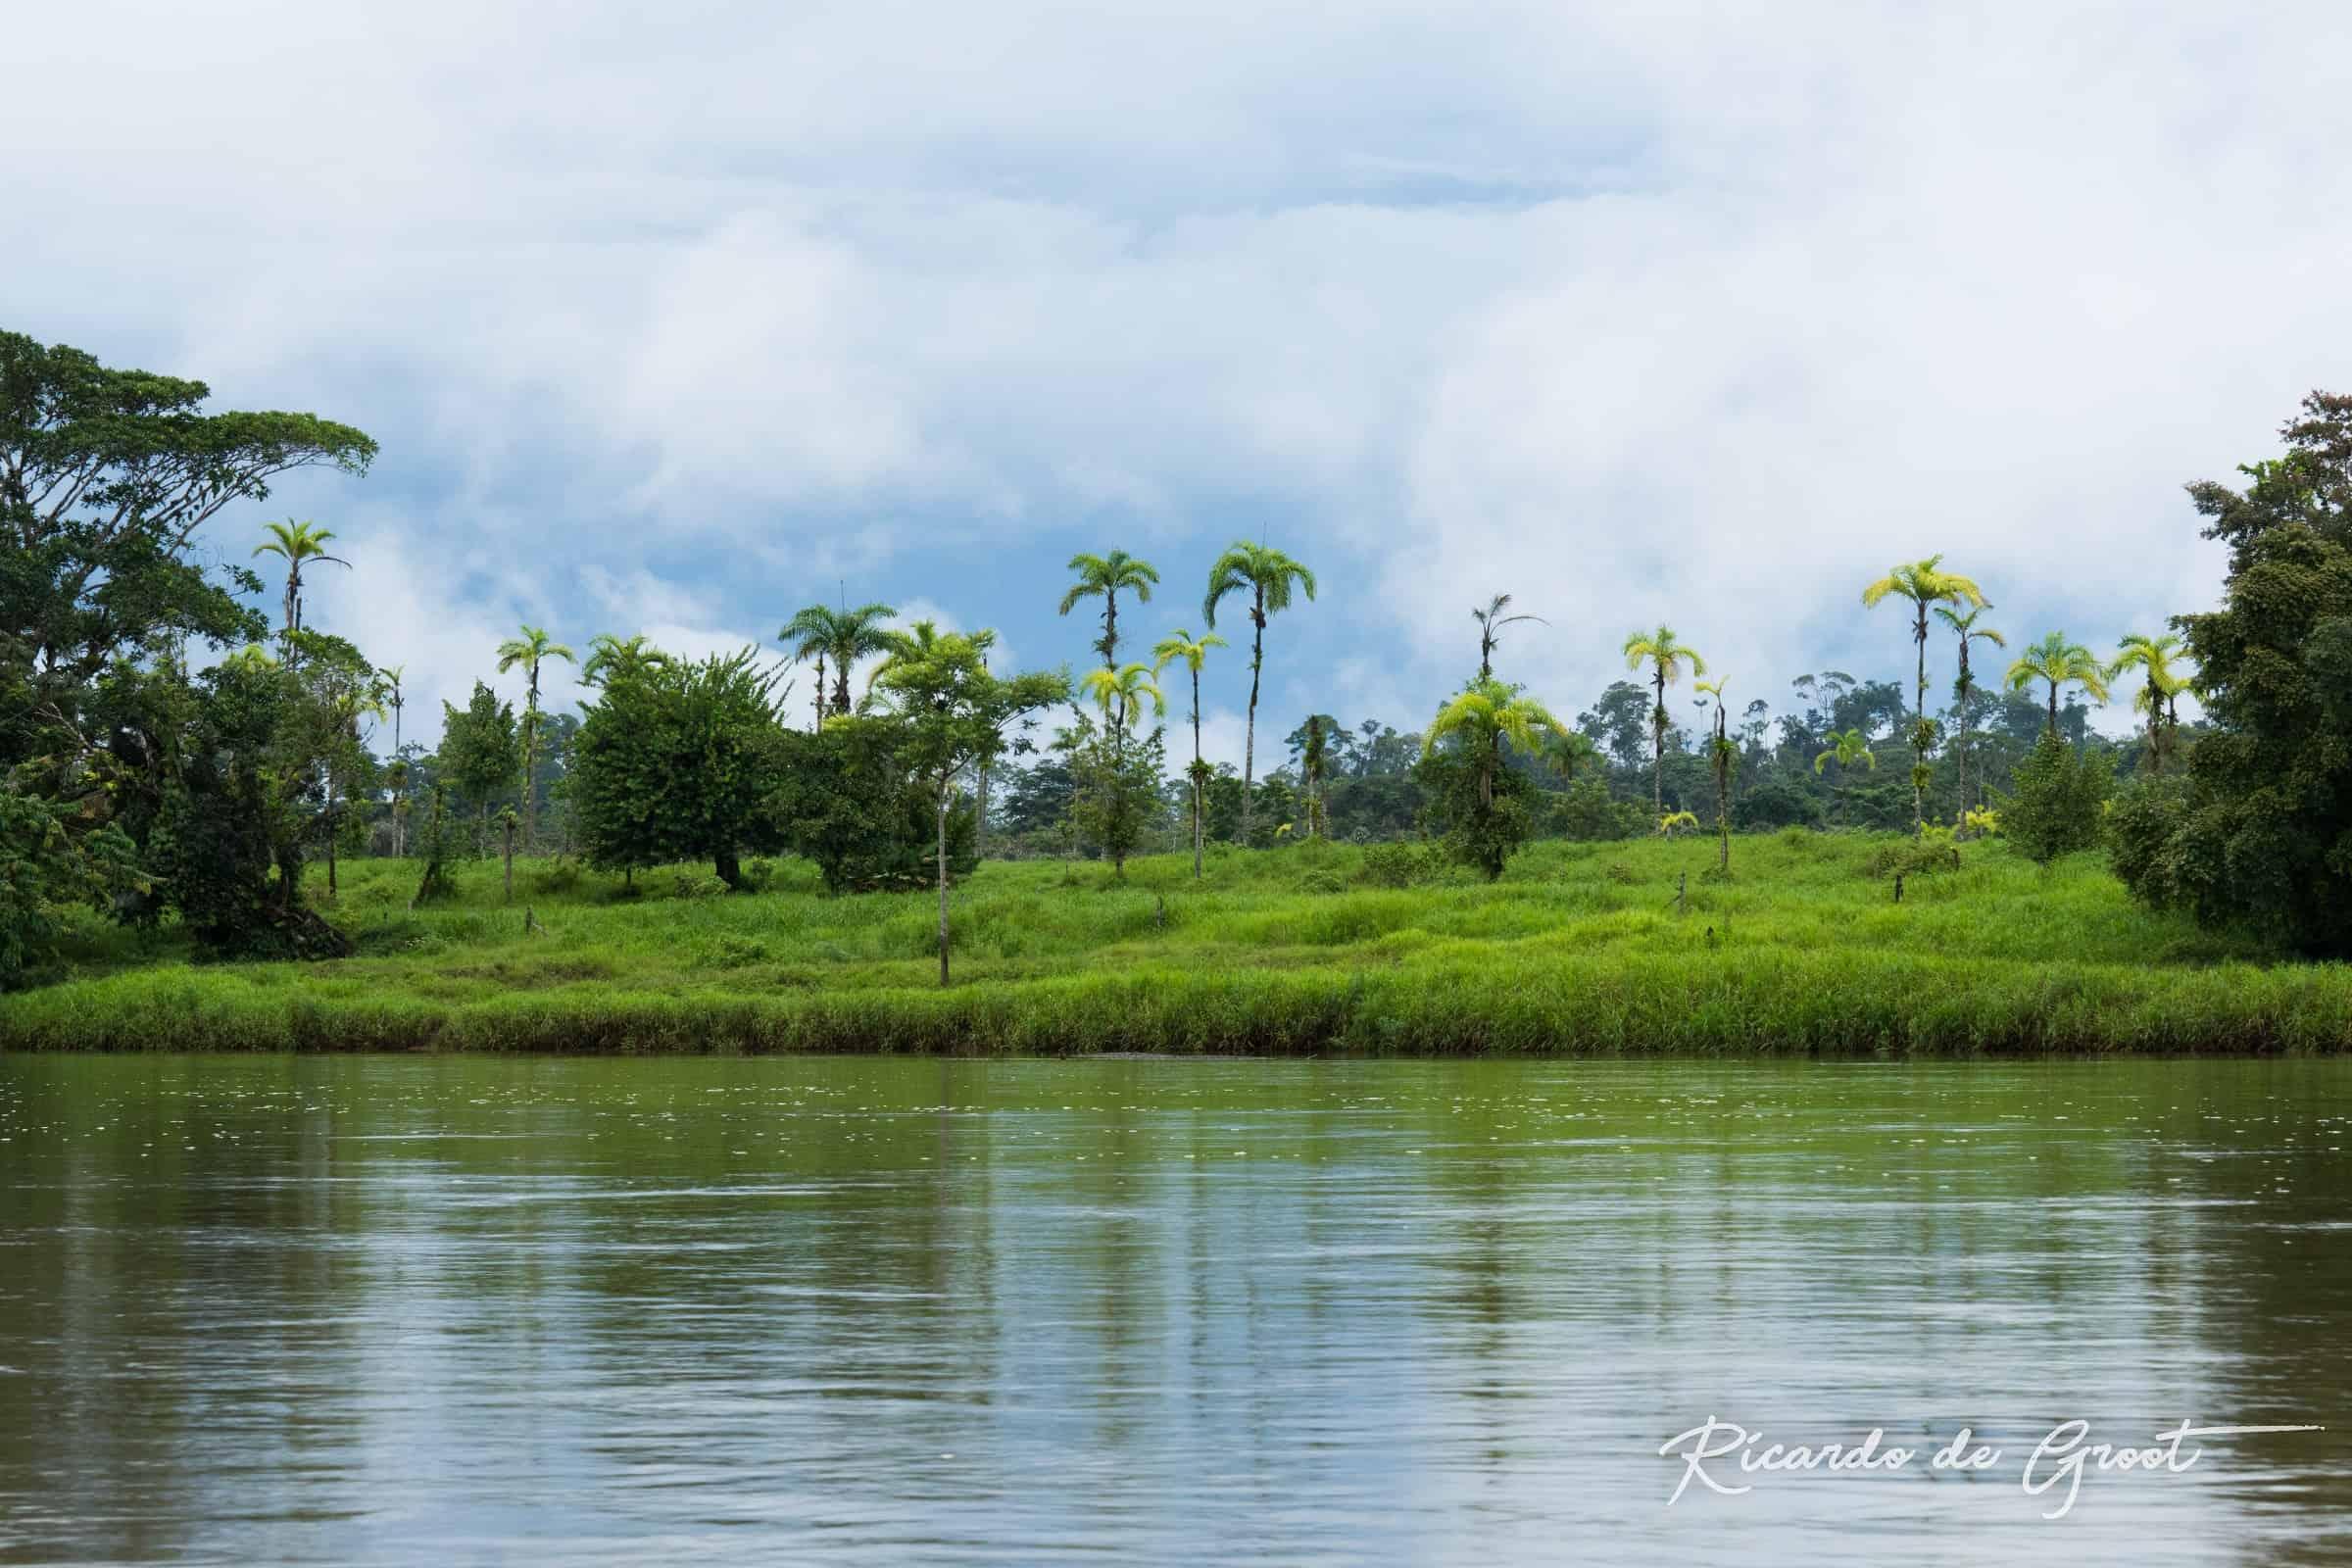 fotoreis costa rica landschap